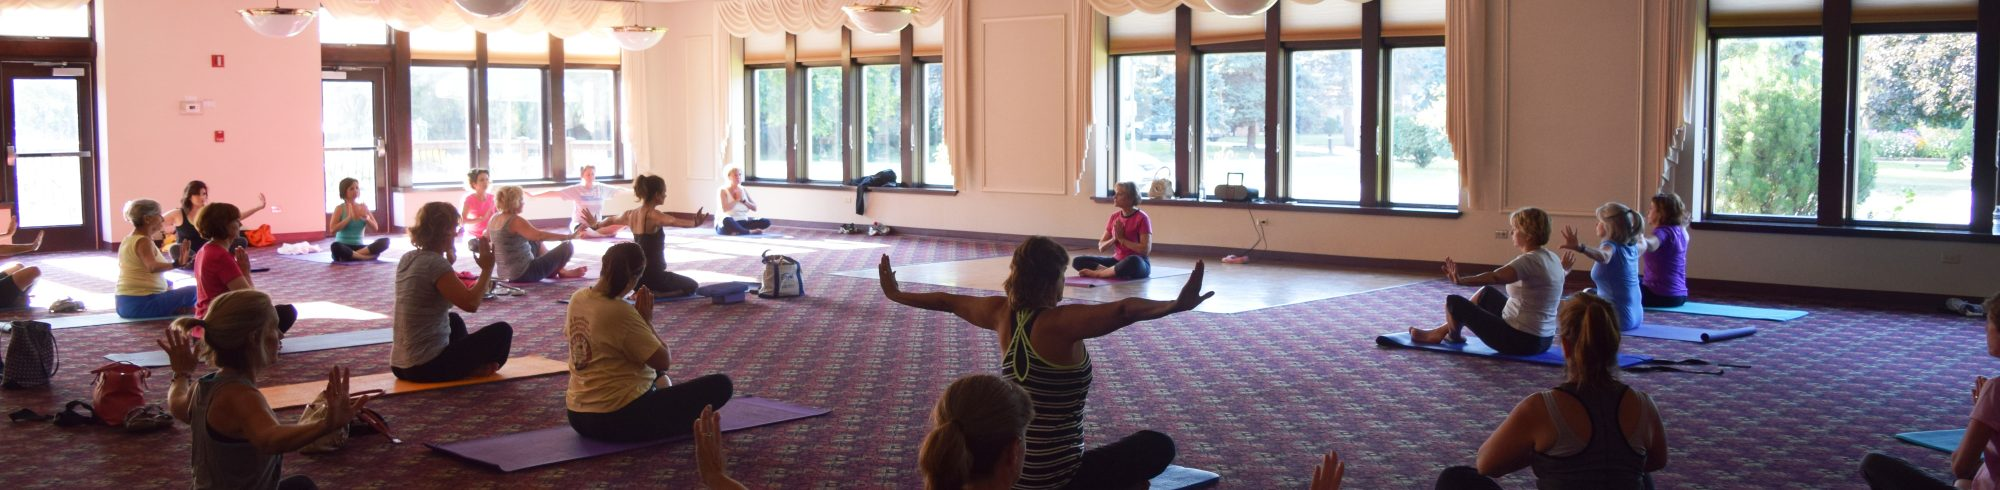 yoga fitness classes river trails park district